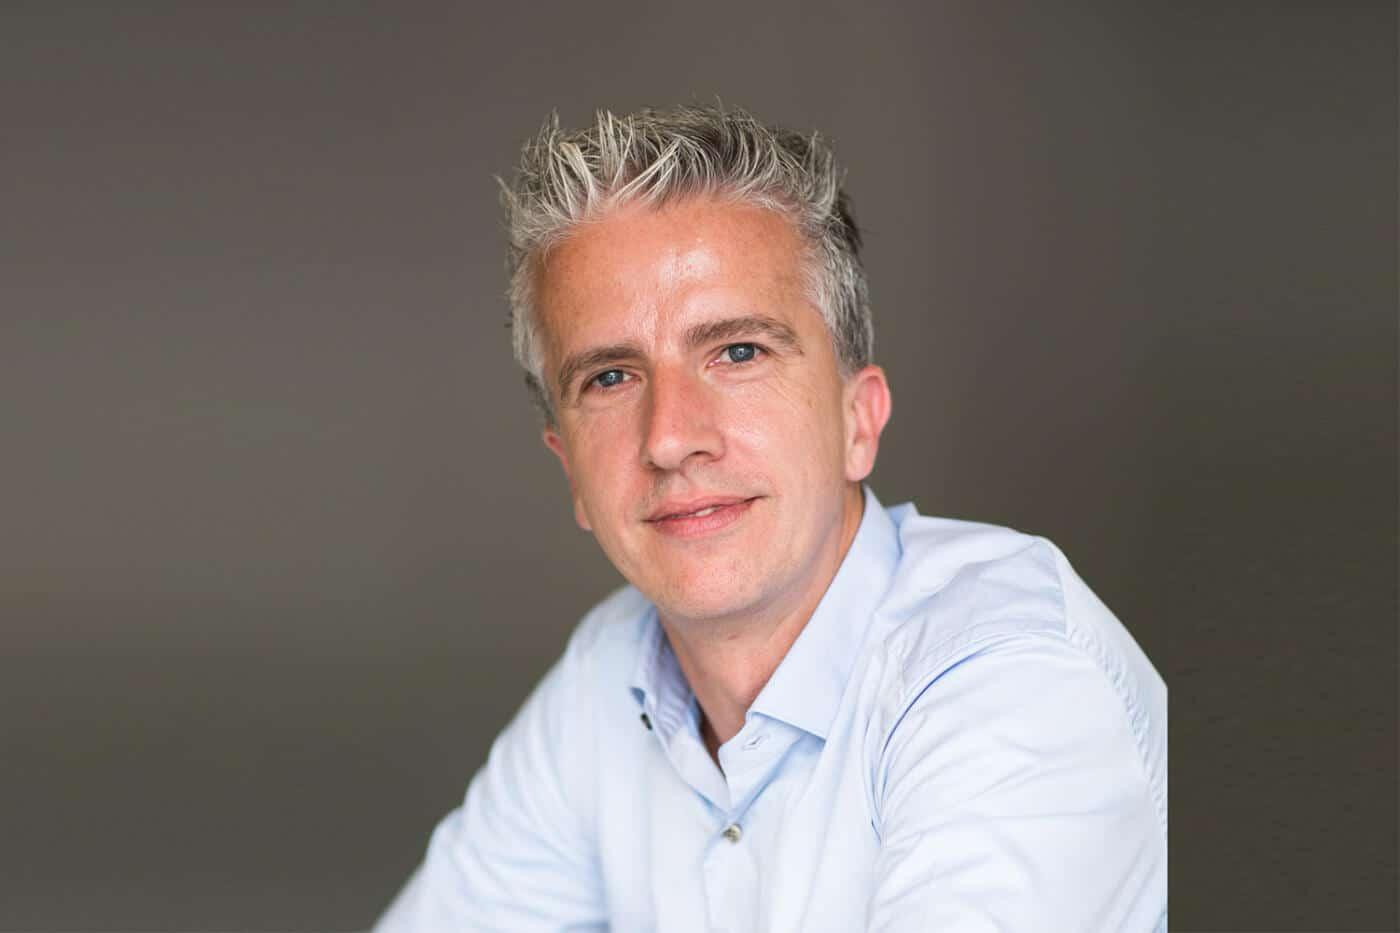 Tom van Dael, Director of Finance and IT